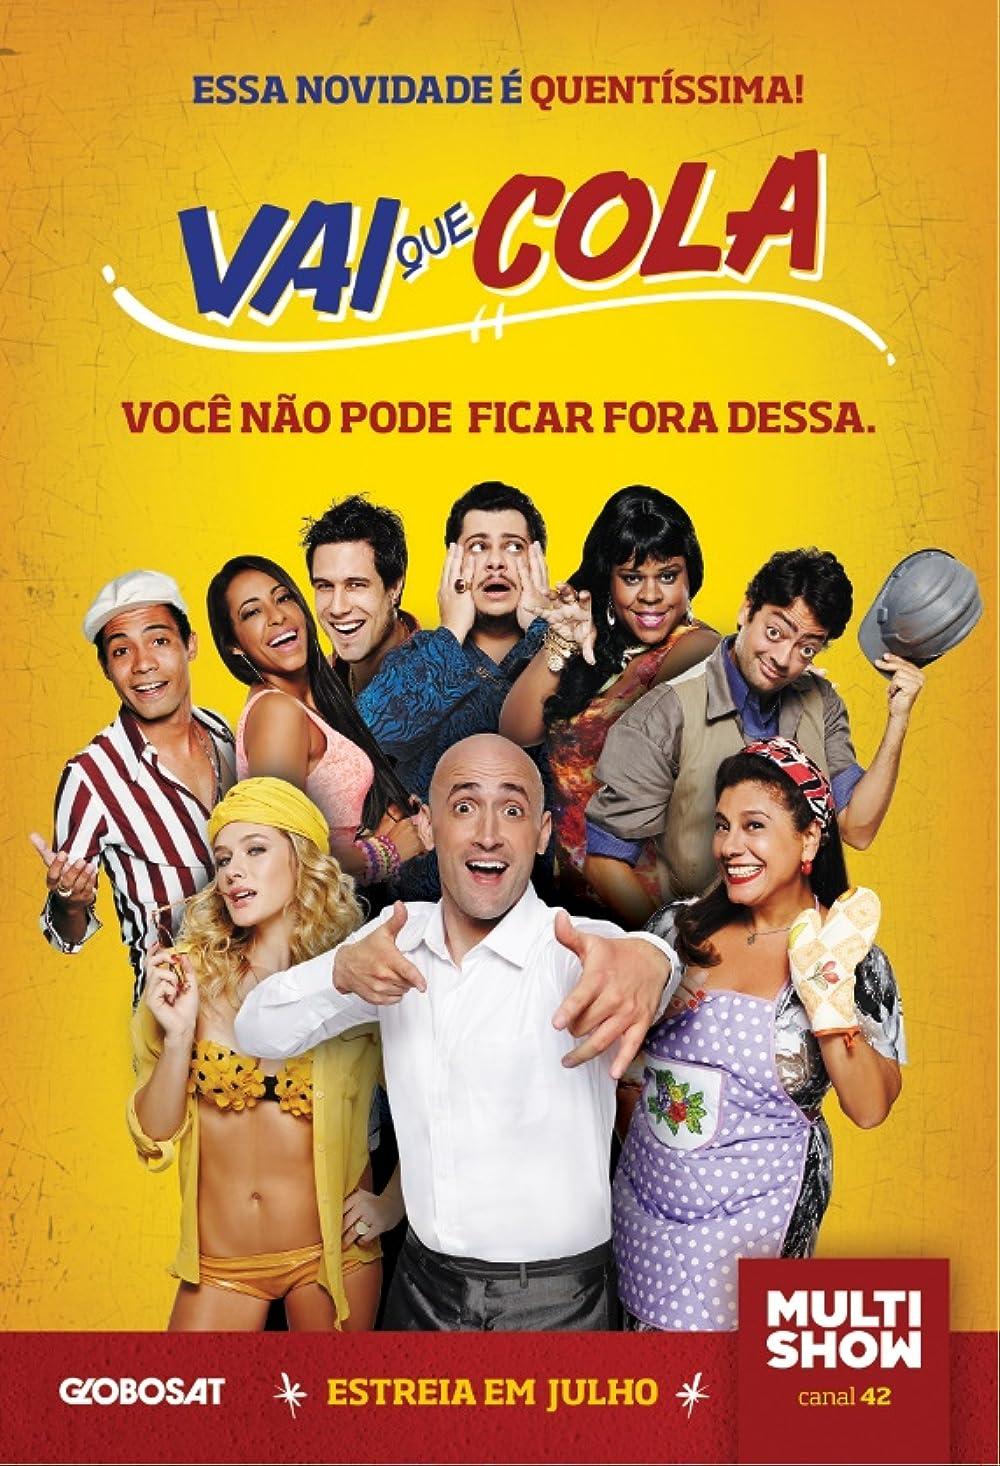 Além de ser uma das maiores sitcoms de sucesso do País, Vai Que Cola virou um filme de grande prestígio.